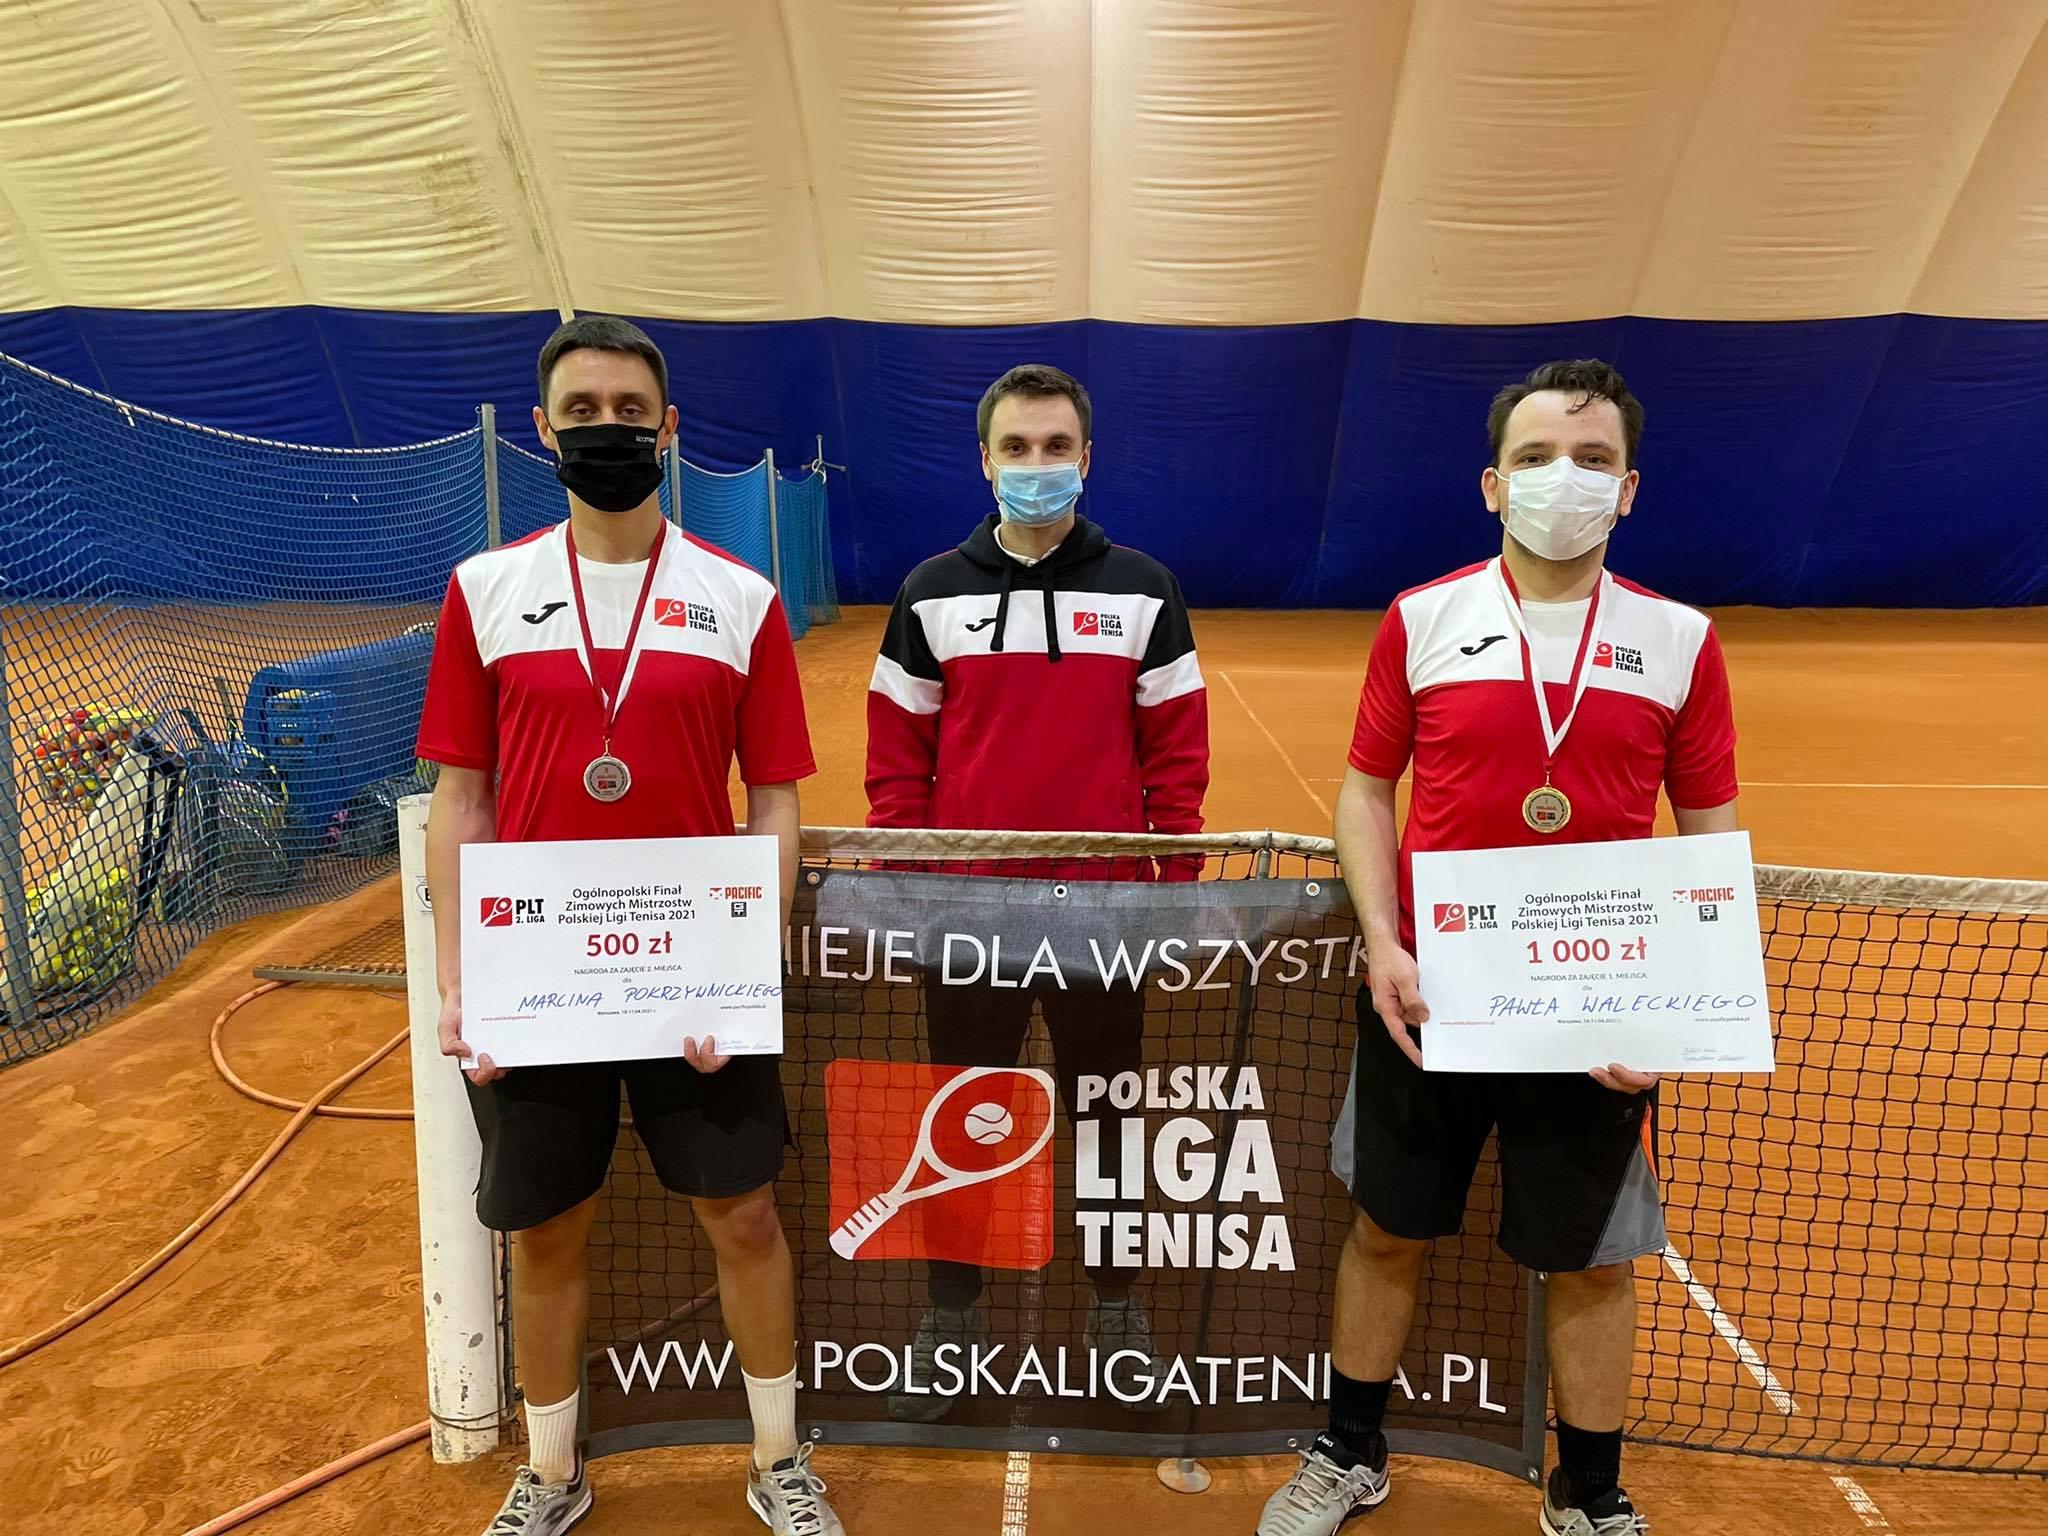 Polska Liga Tenisa. Ogólnopolskie Finały już w ten weekend